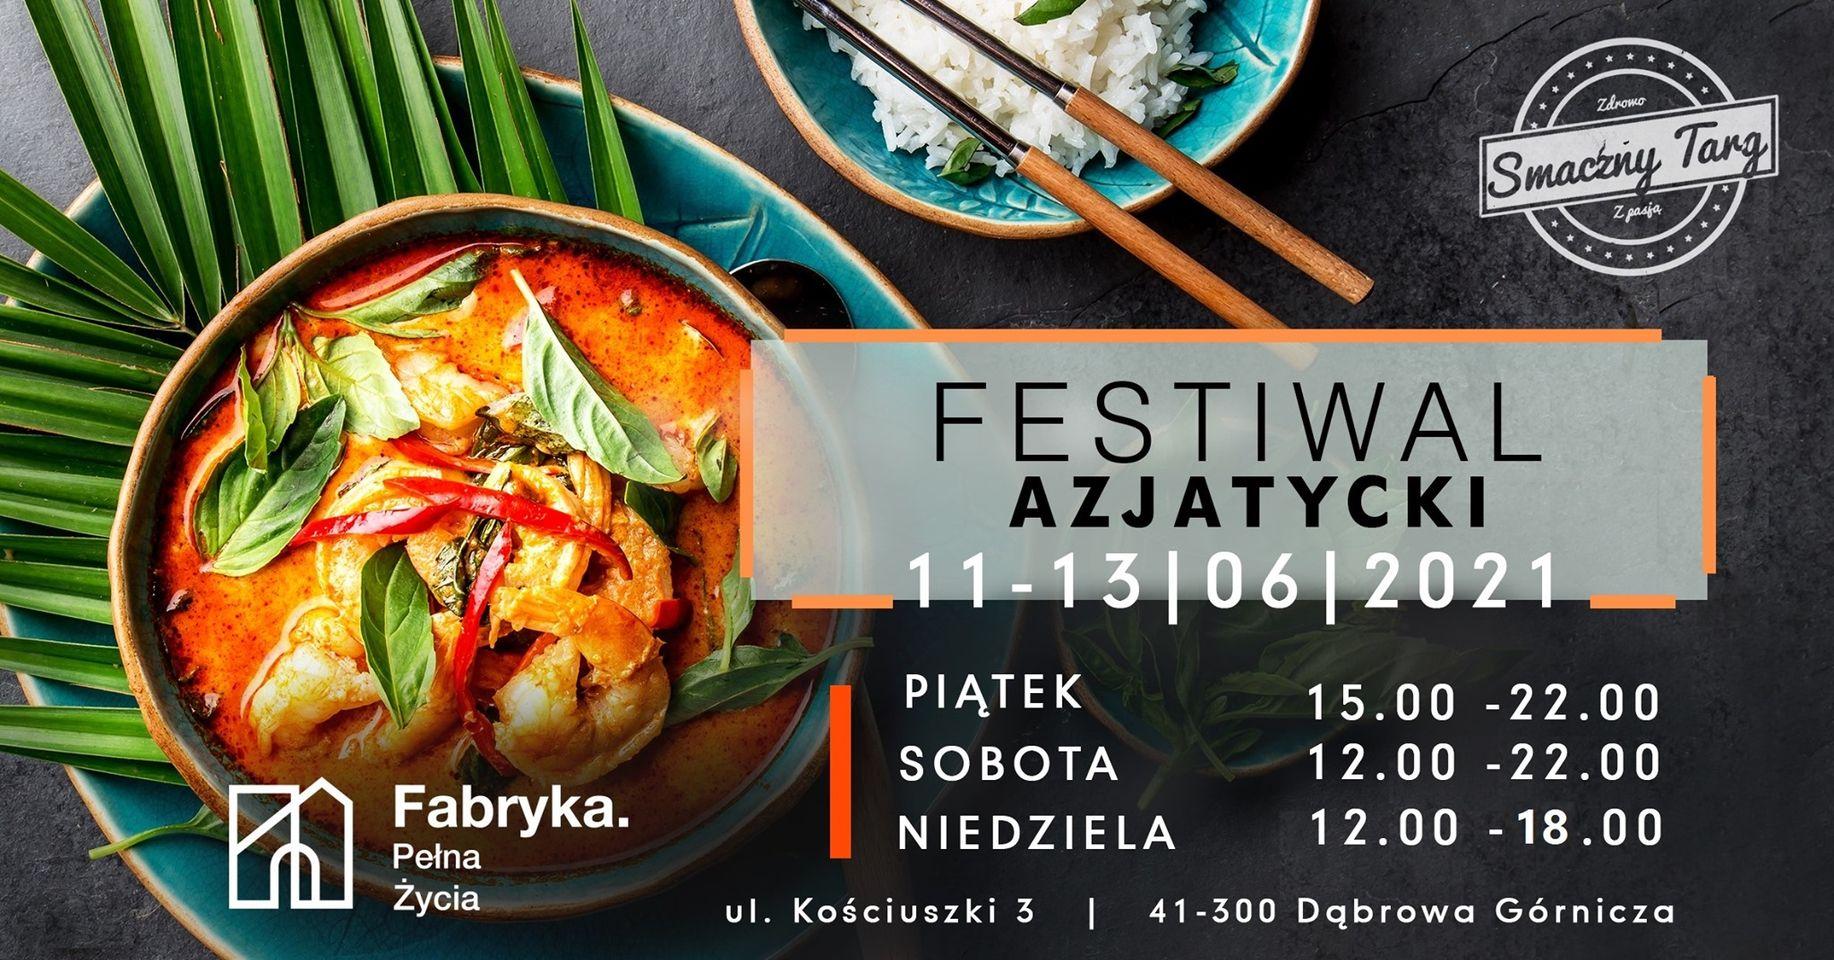 Festiwal Azjatycki w Dąbrowie Górniczej